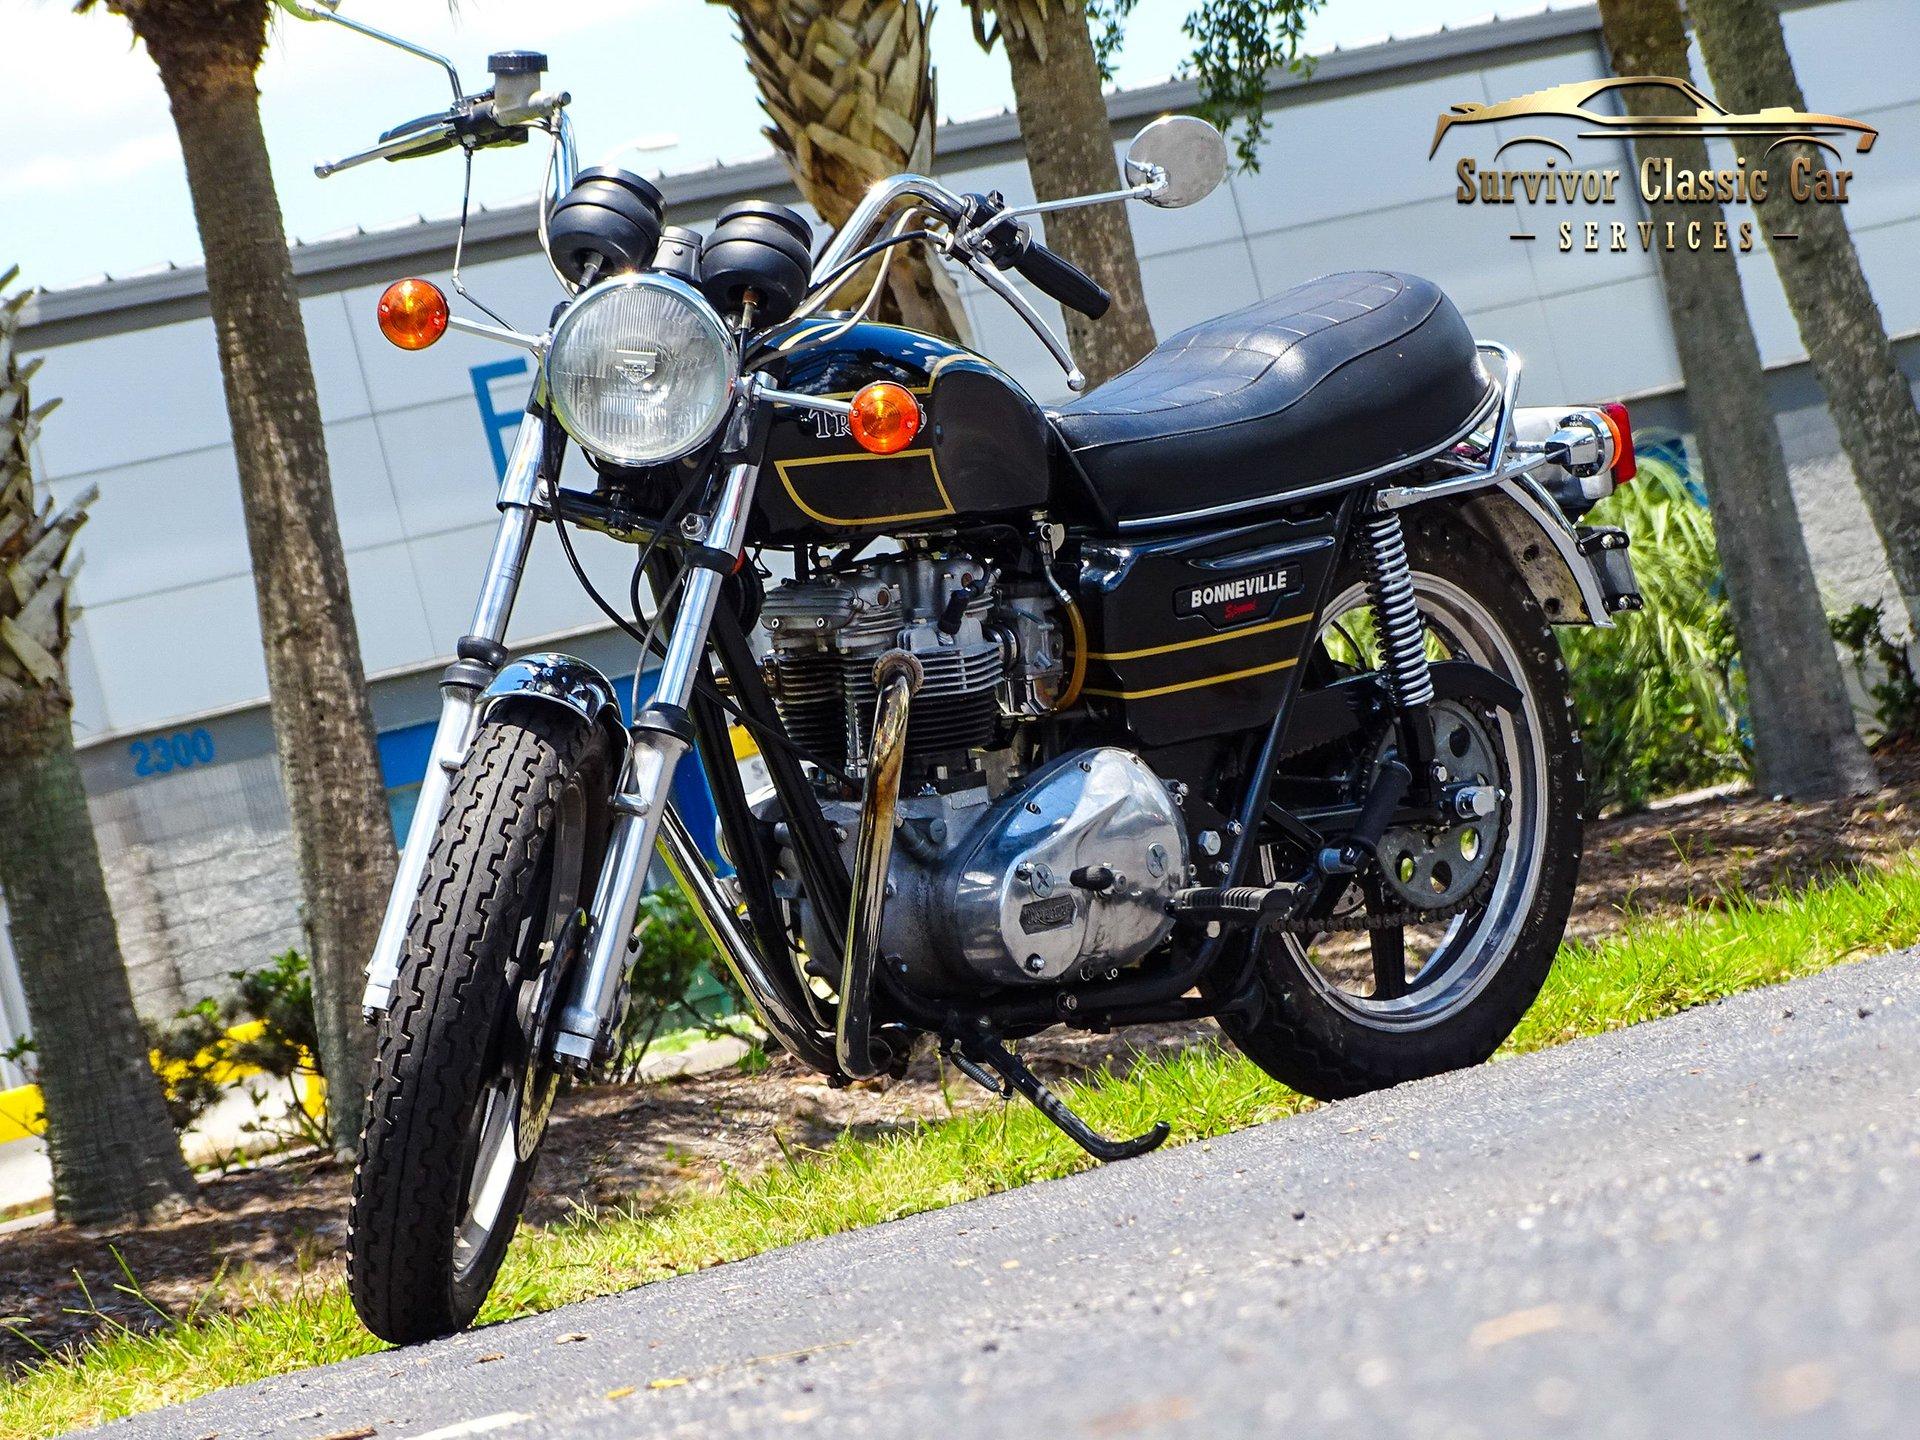 1979 triumph bonneville 750 special